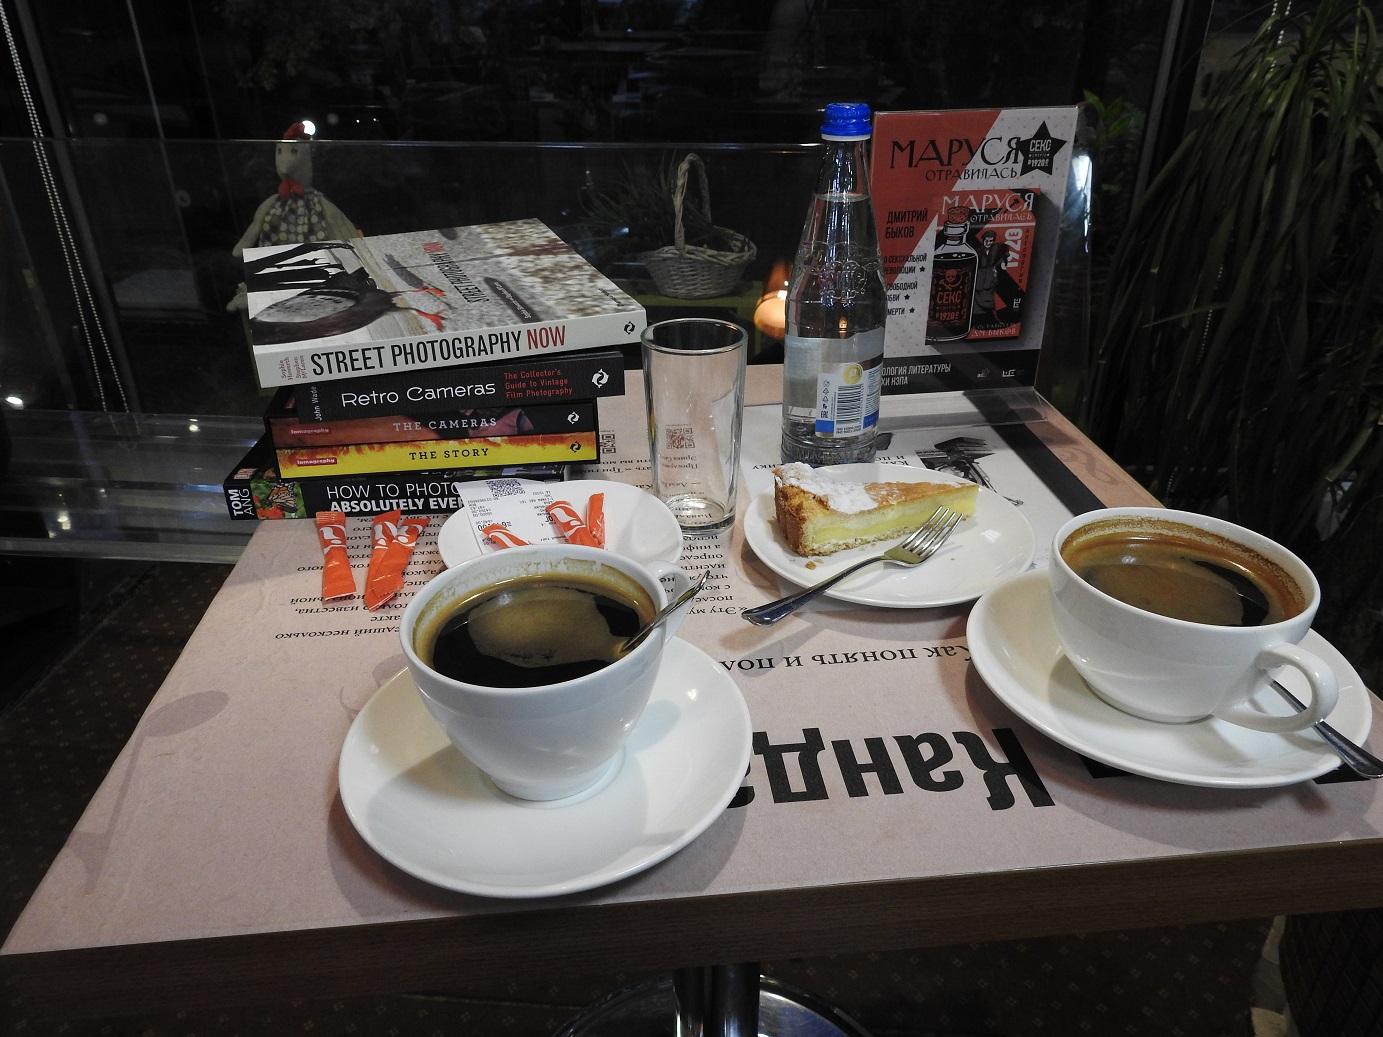 Кафе-библиотека на Арбате: идеальное место для учебы или работы